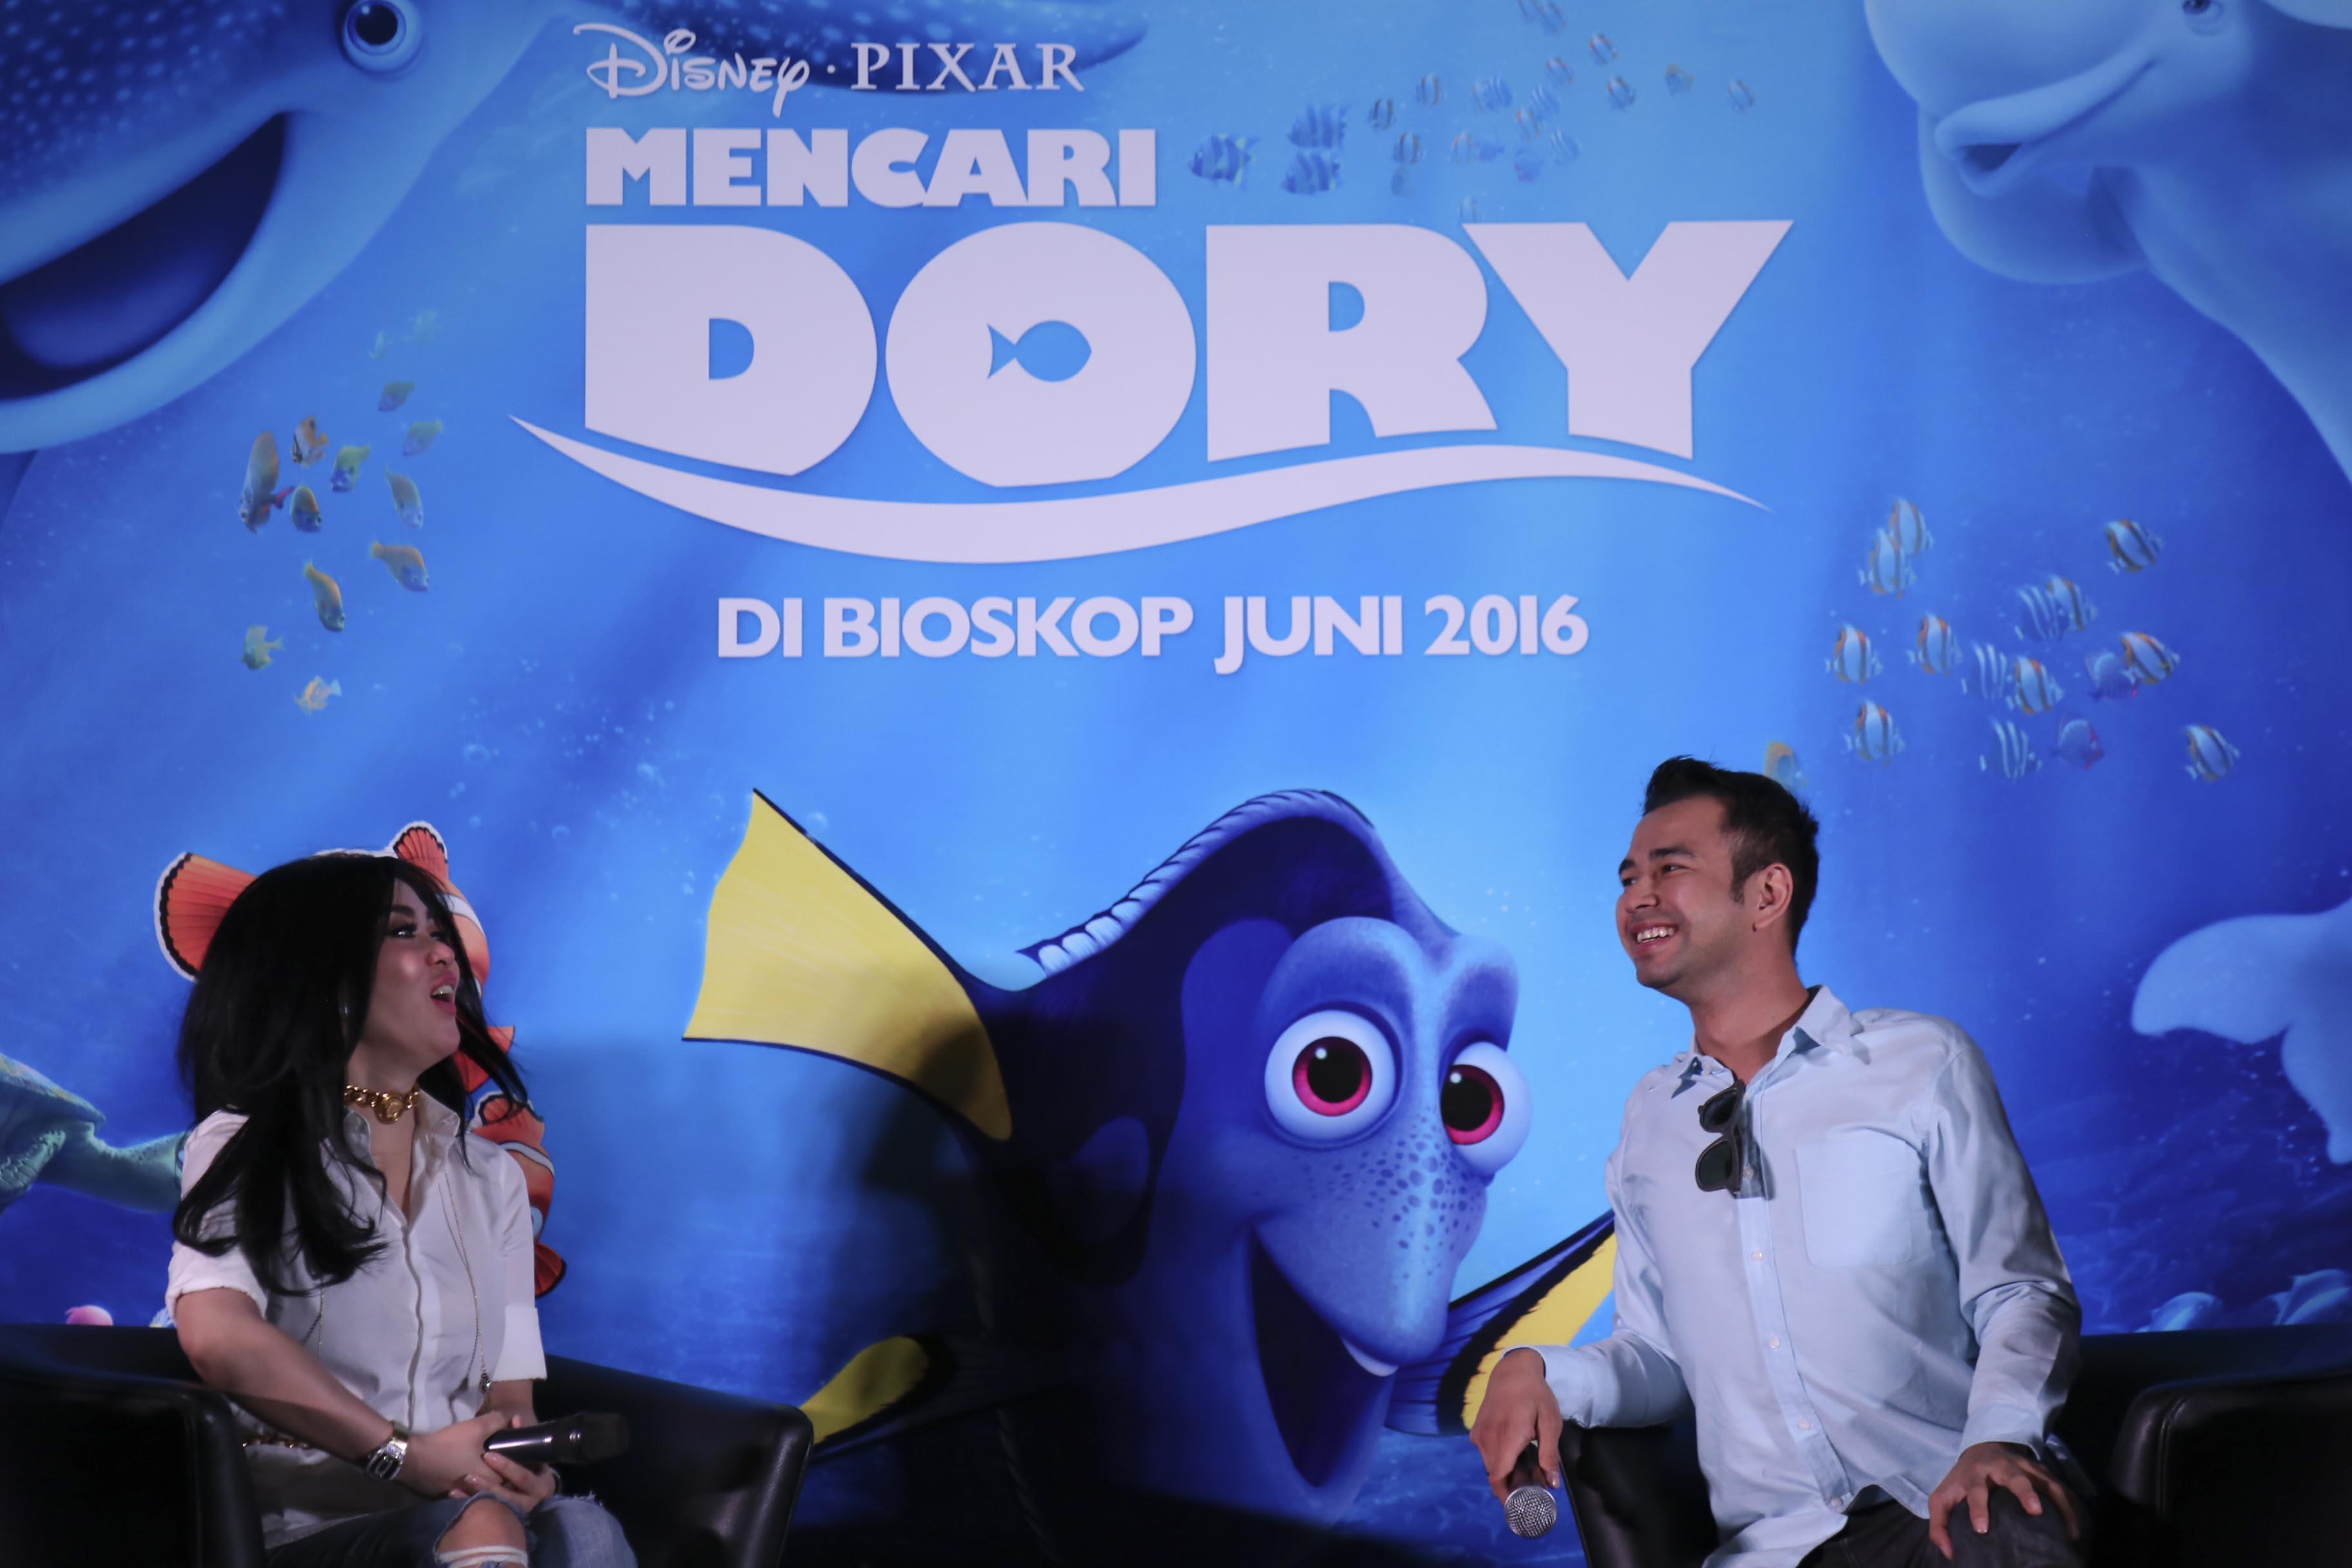 Presenter Raffi Ahmad didampingi penyanyi Syahrini menerangkan keikutsertaan mereka dalam film karya Disney Fixar u0022Finding Doryu0022 dalam jumpa pers di Jakarta, Kamis, 9 Juni.  Foto oleh Teresia May/ANTARA